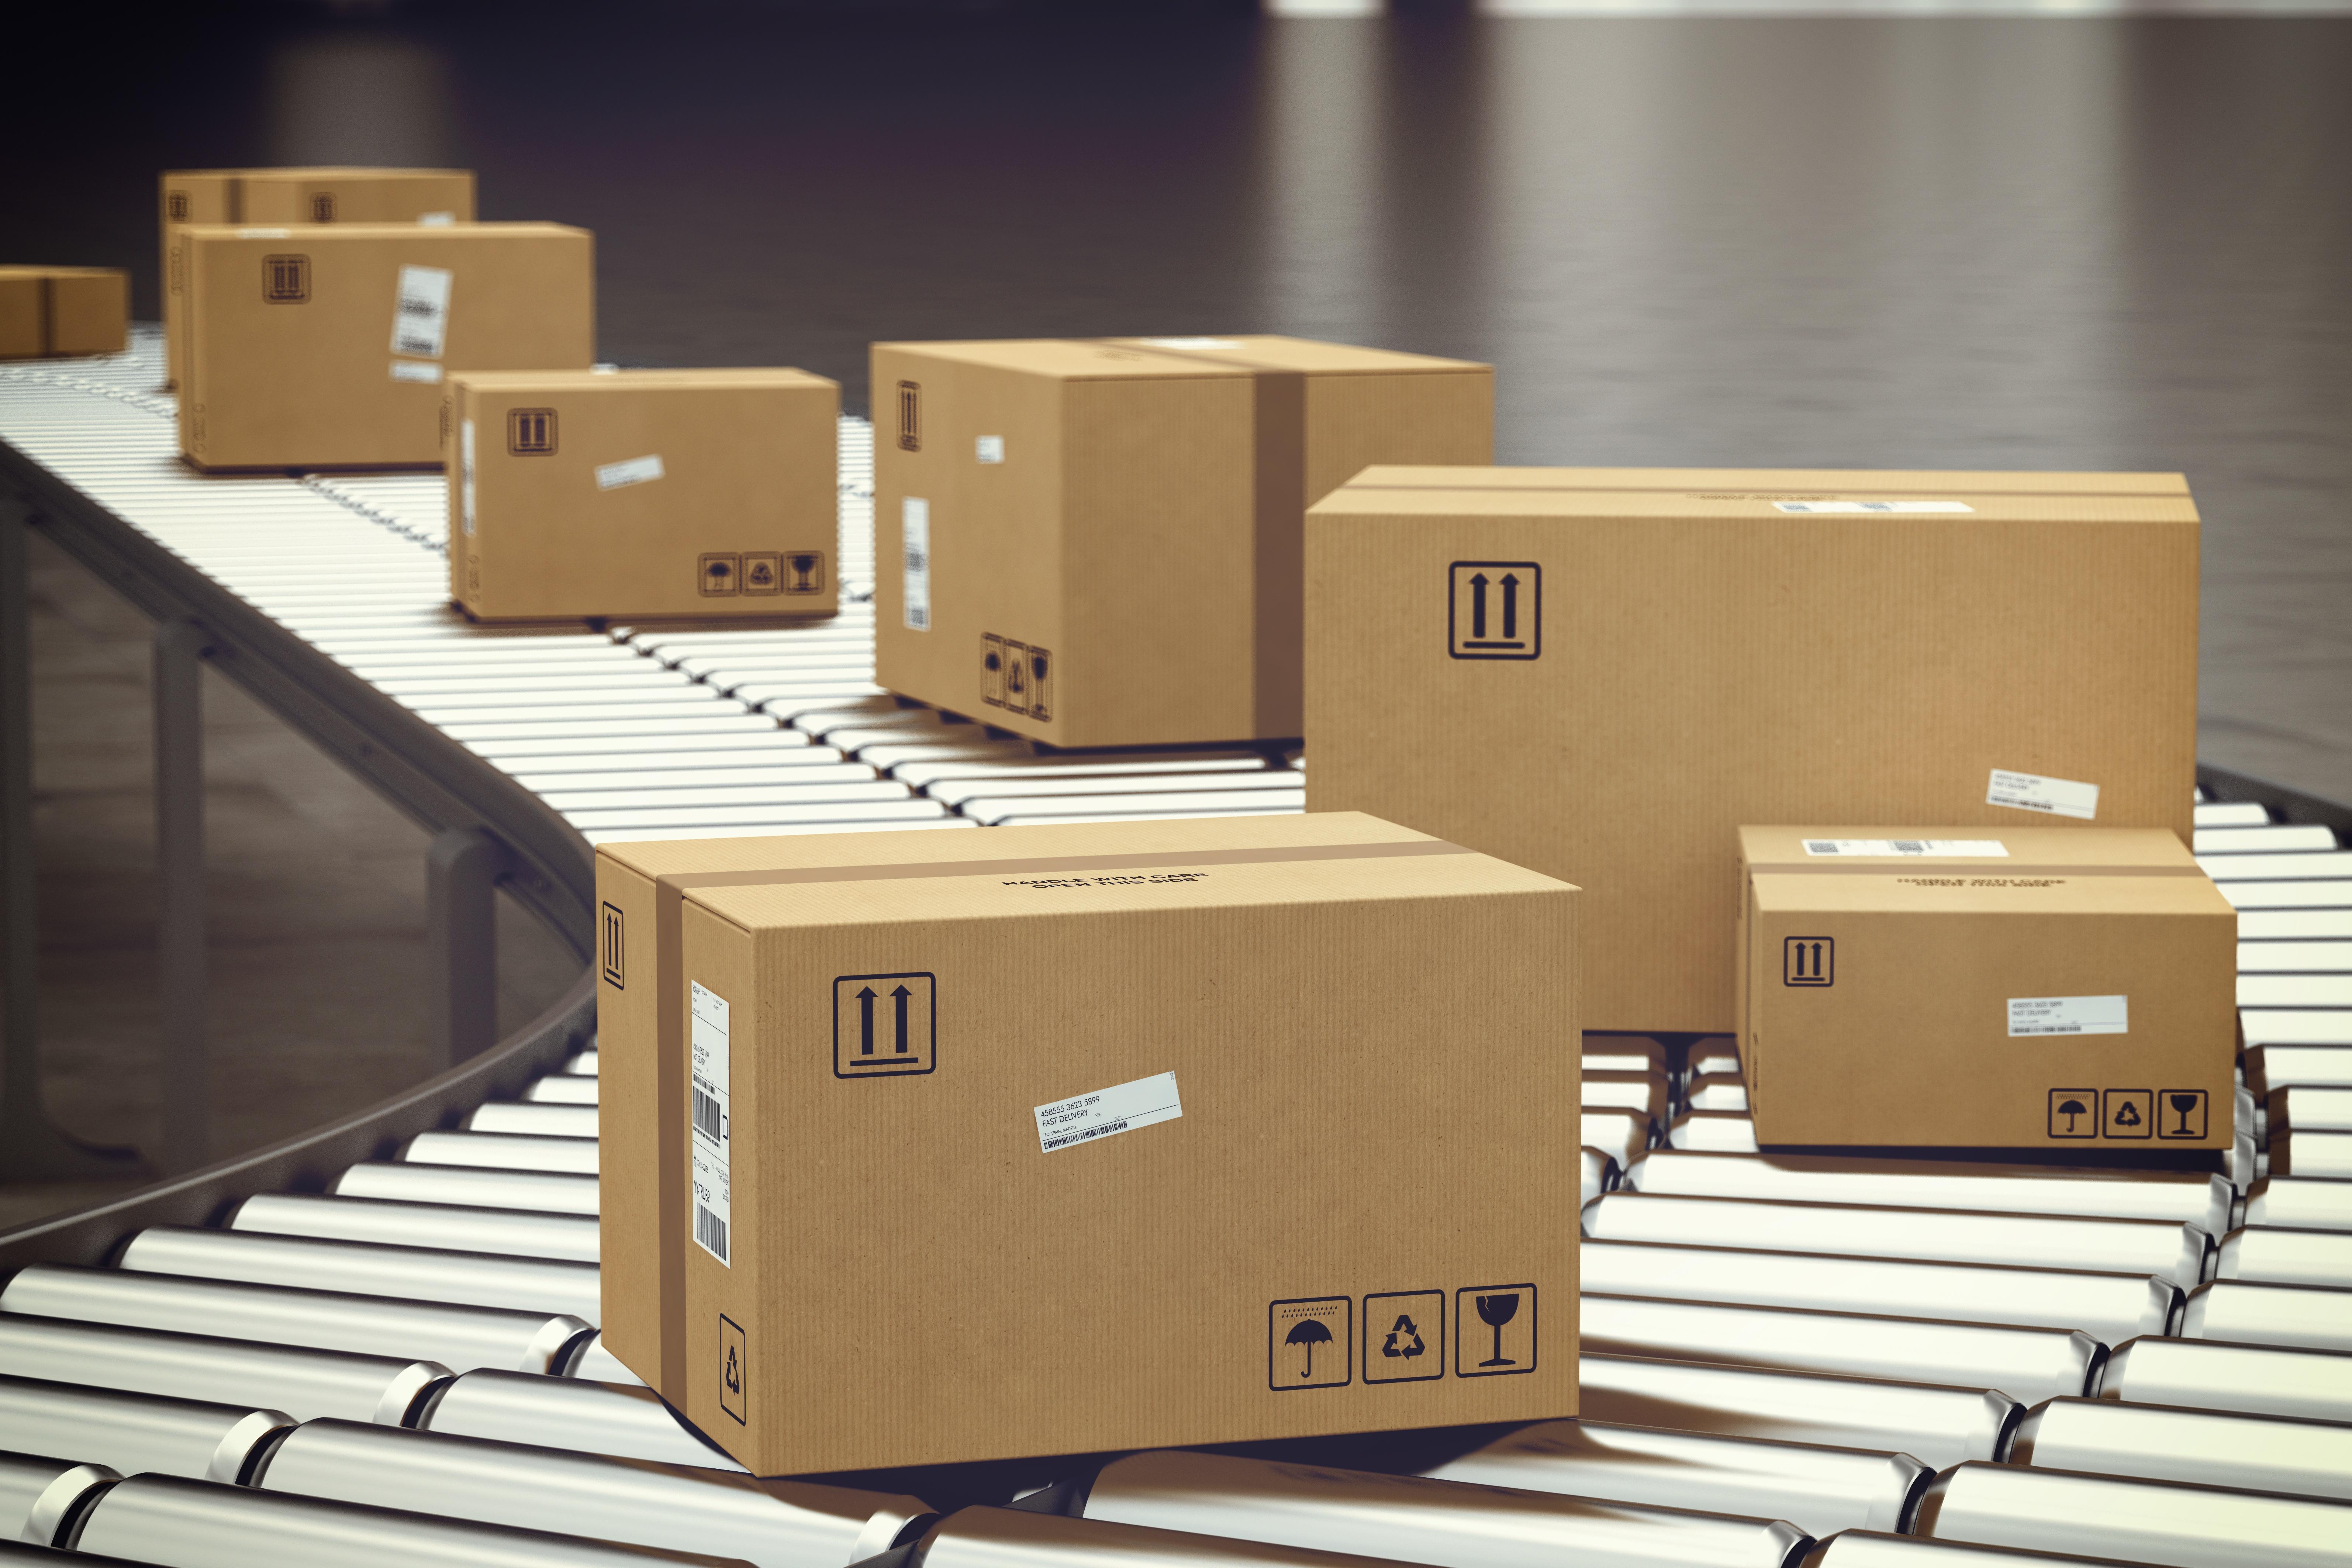 freight-broker-101-boxes.jpeg